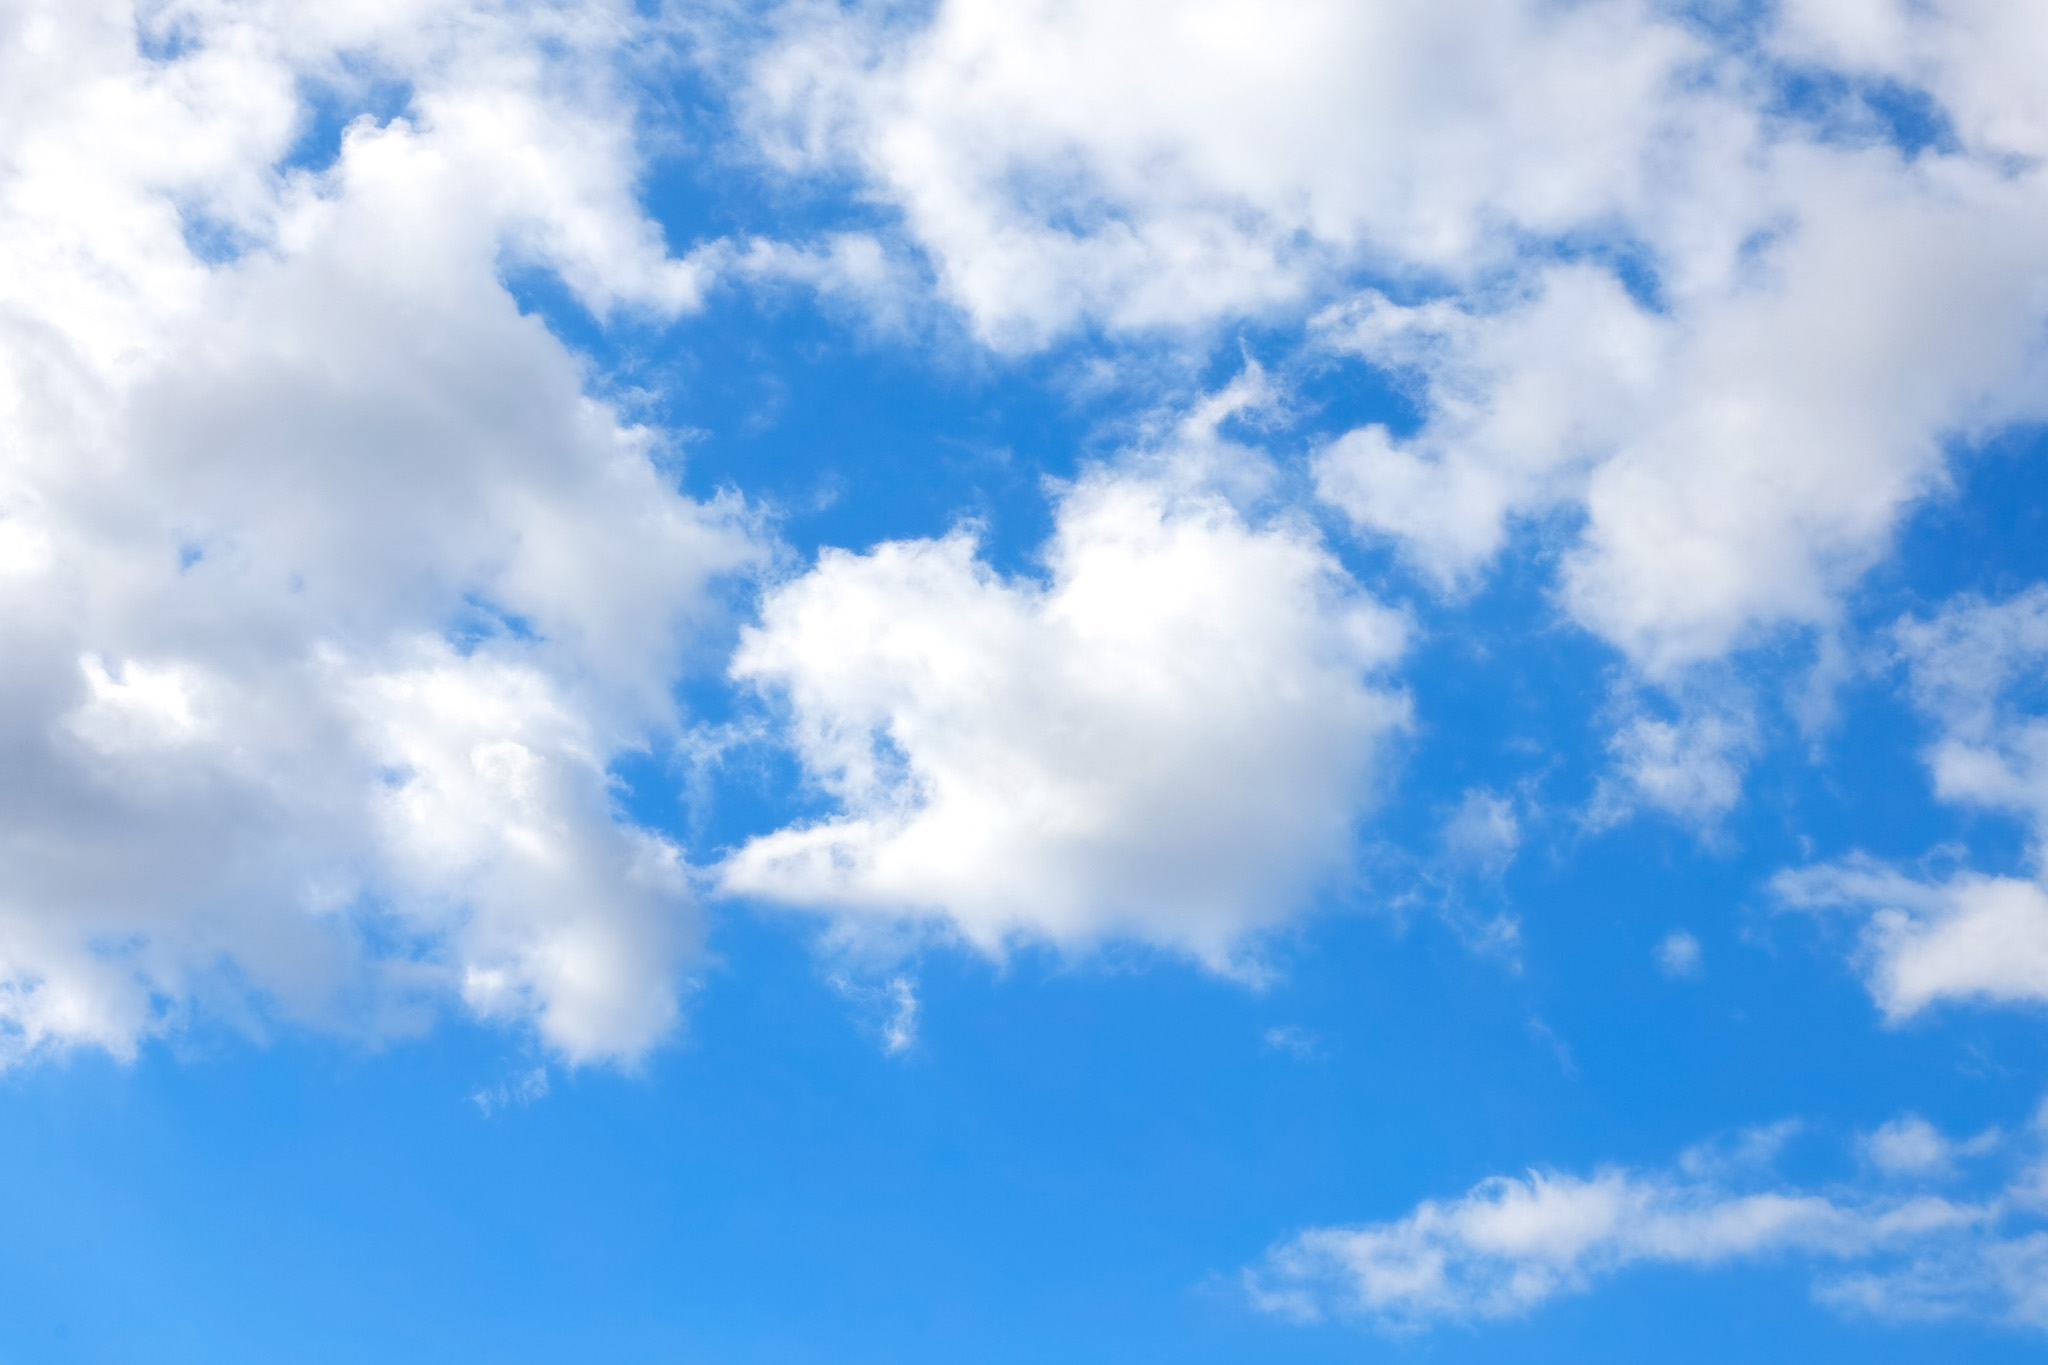 千切れた雲の向こうの青空